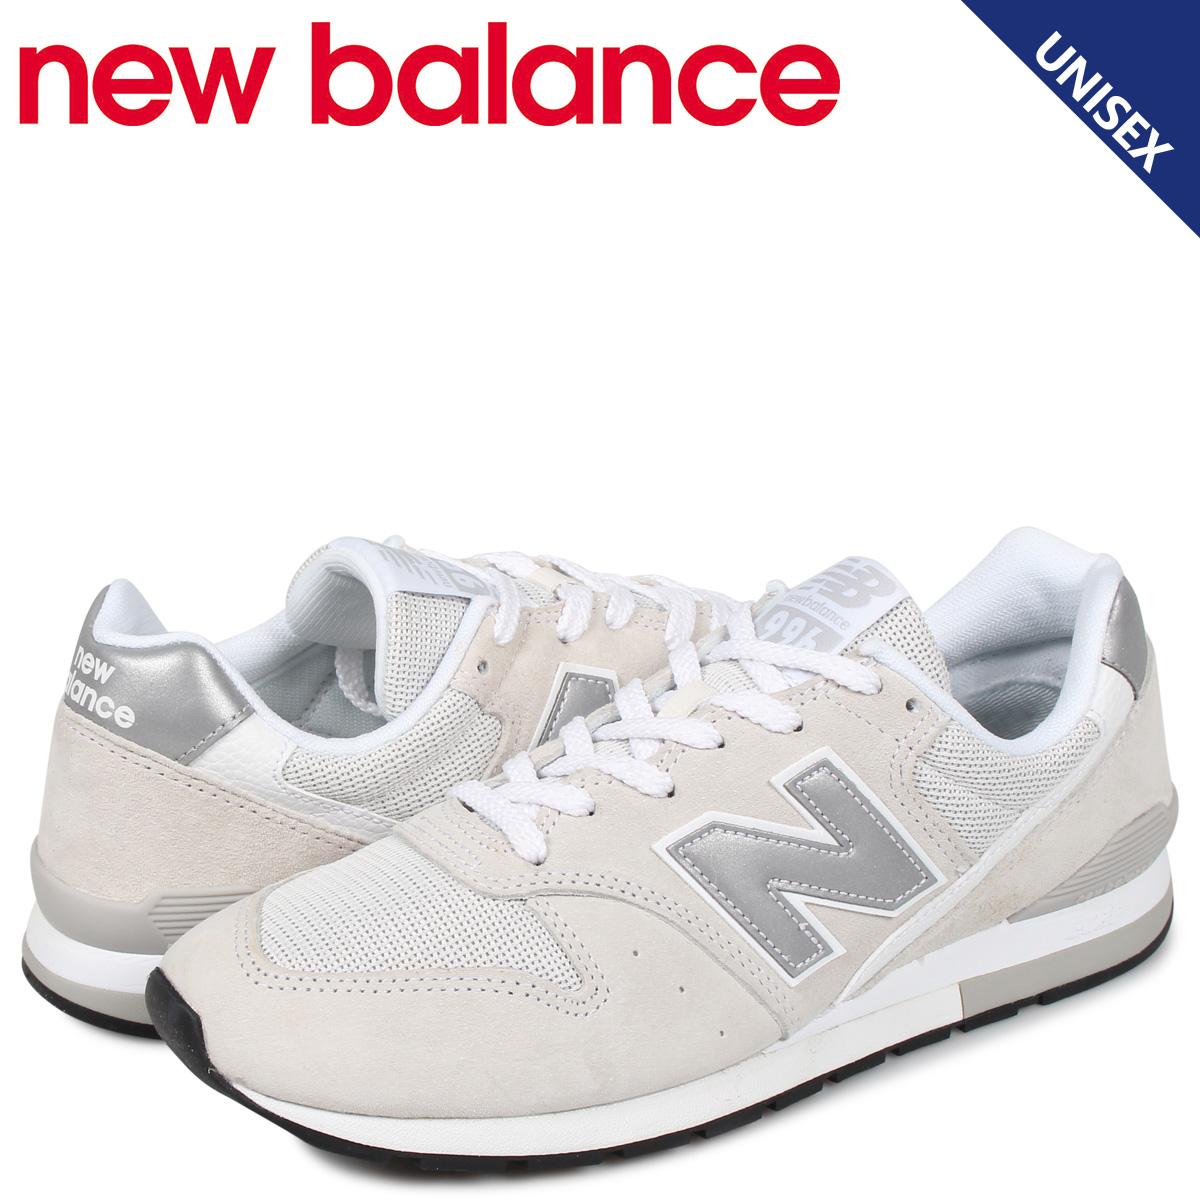 【最大2000円OFFクーポン】 ニューバランス new balance 996 スニーカー メンズ レディース Dワイズ ホワイト 白 CM996BT